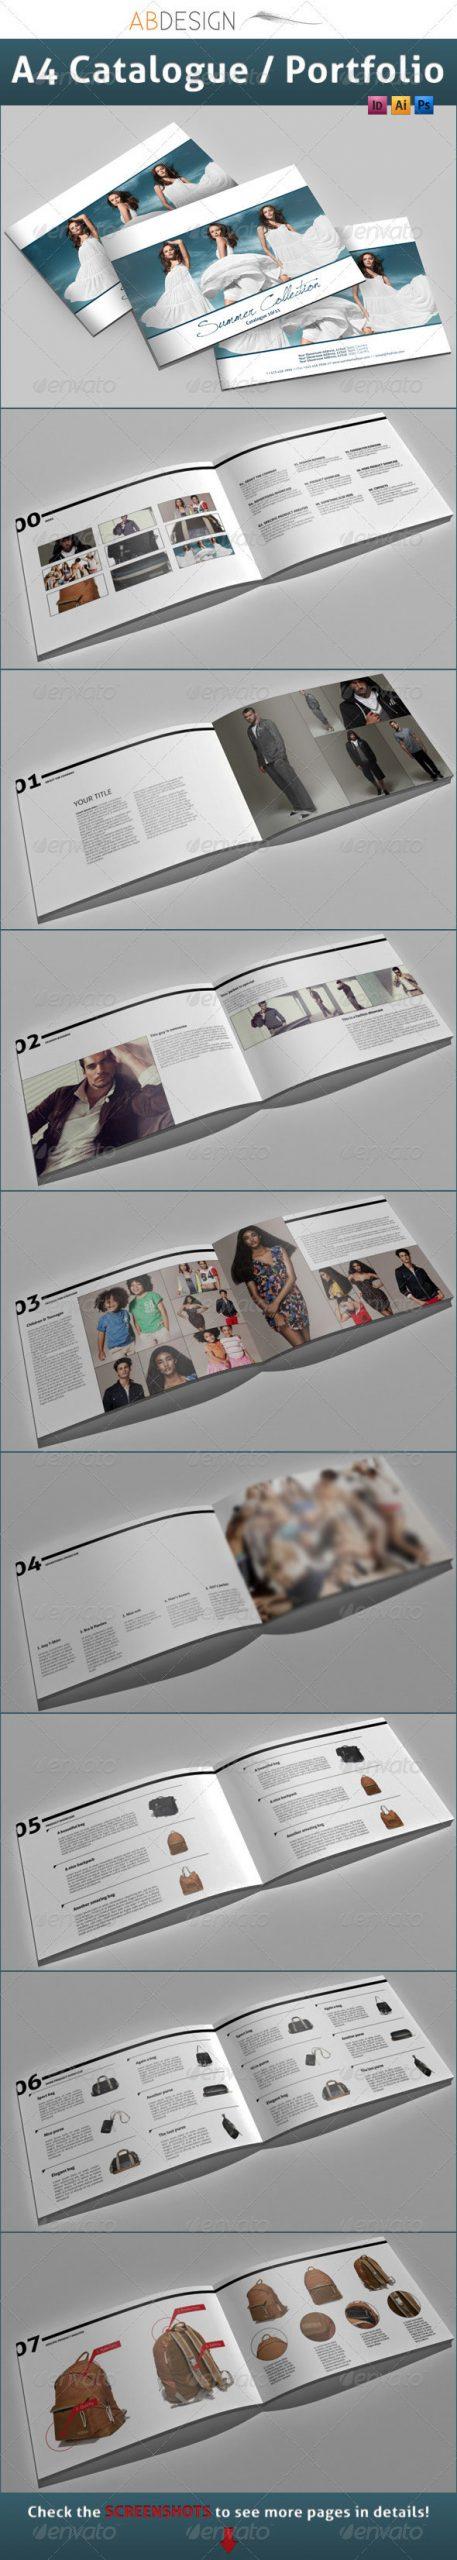 111 دانلود کاتالوگ لایه باز کاملا حرفه ای مناسب ژورنال لباس